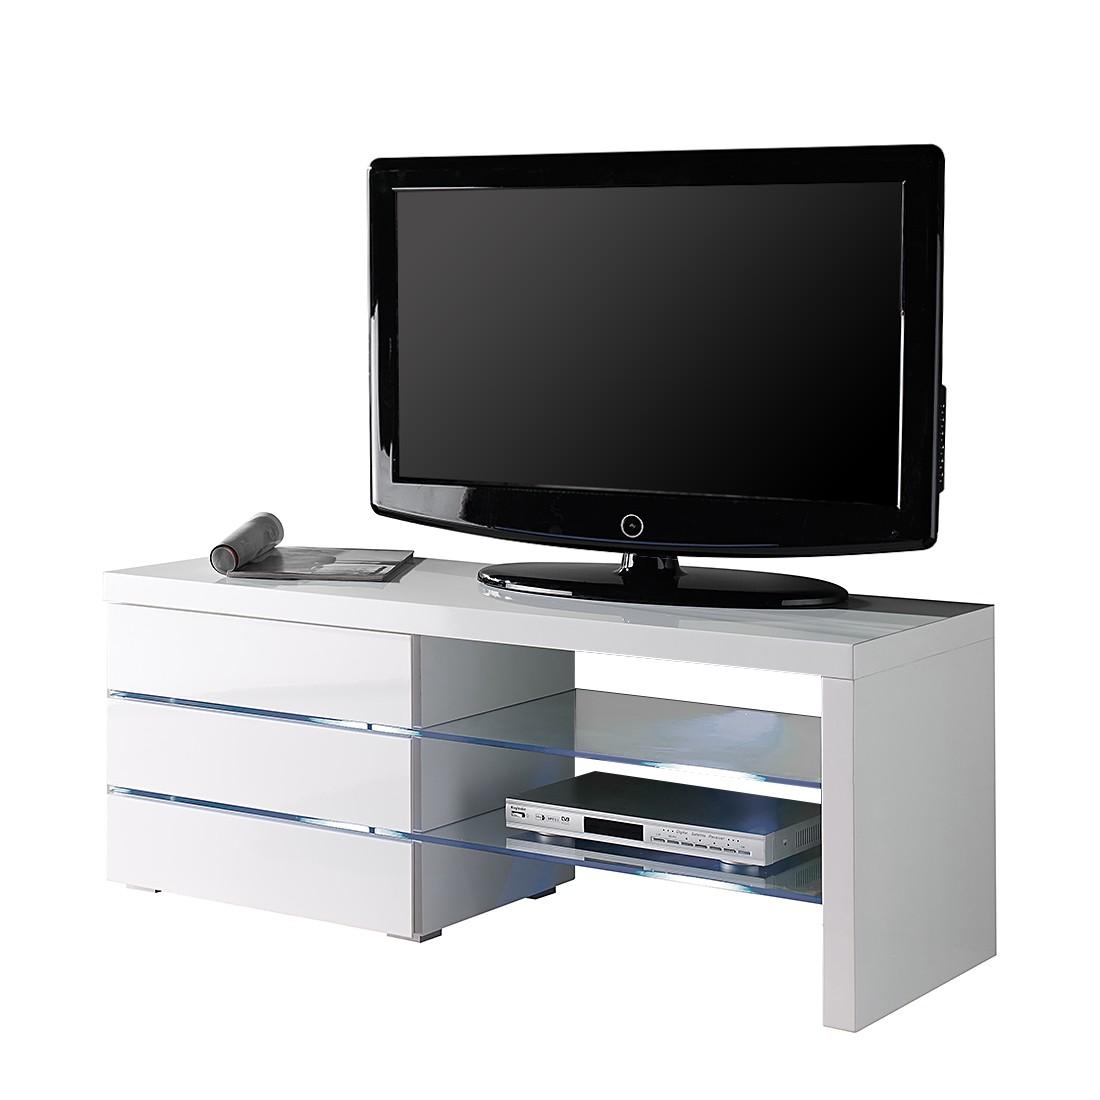 Meuble tv sola eclairage fourni blanc brillant 110 for Meuble tv 110 cm blanc